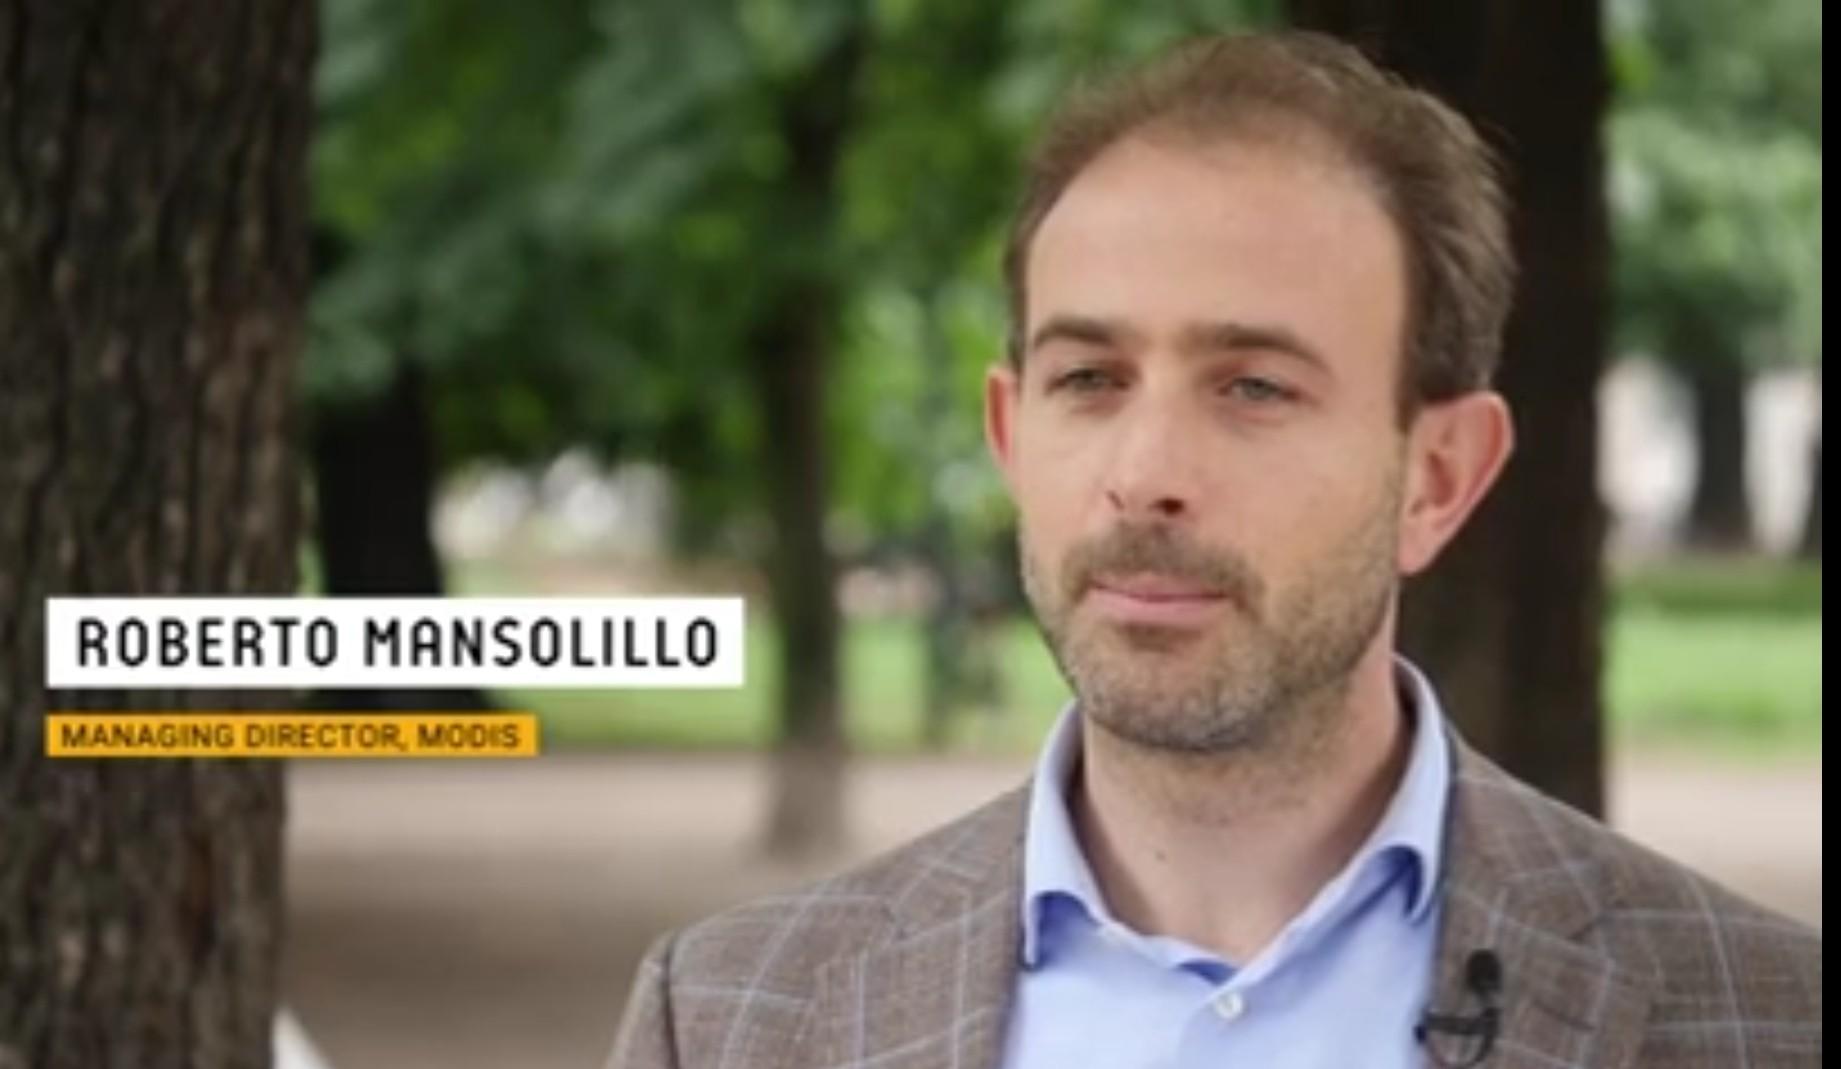 roberto-mansolillo-managing-director-di-modis-in-italia